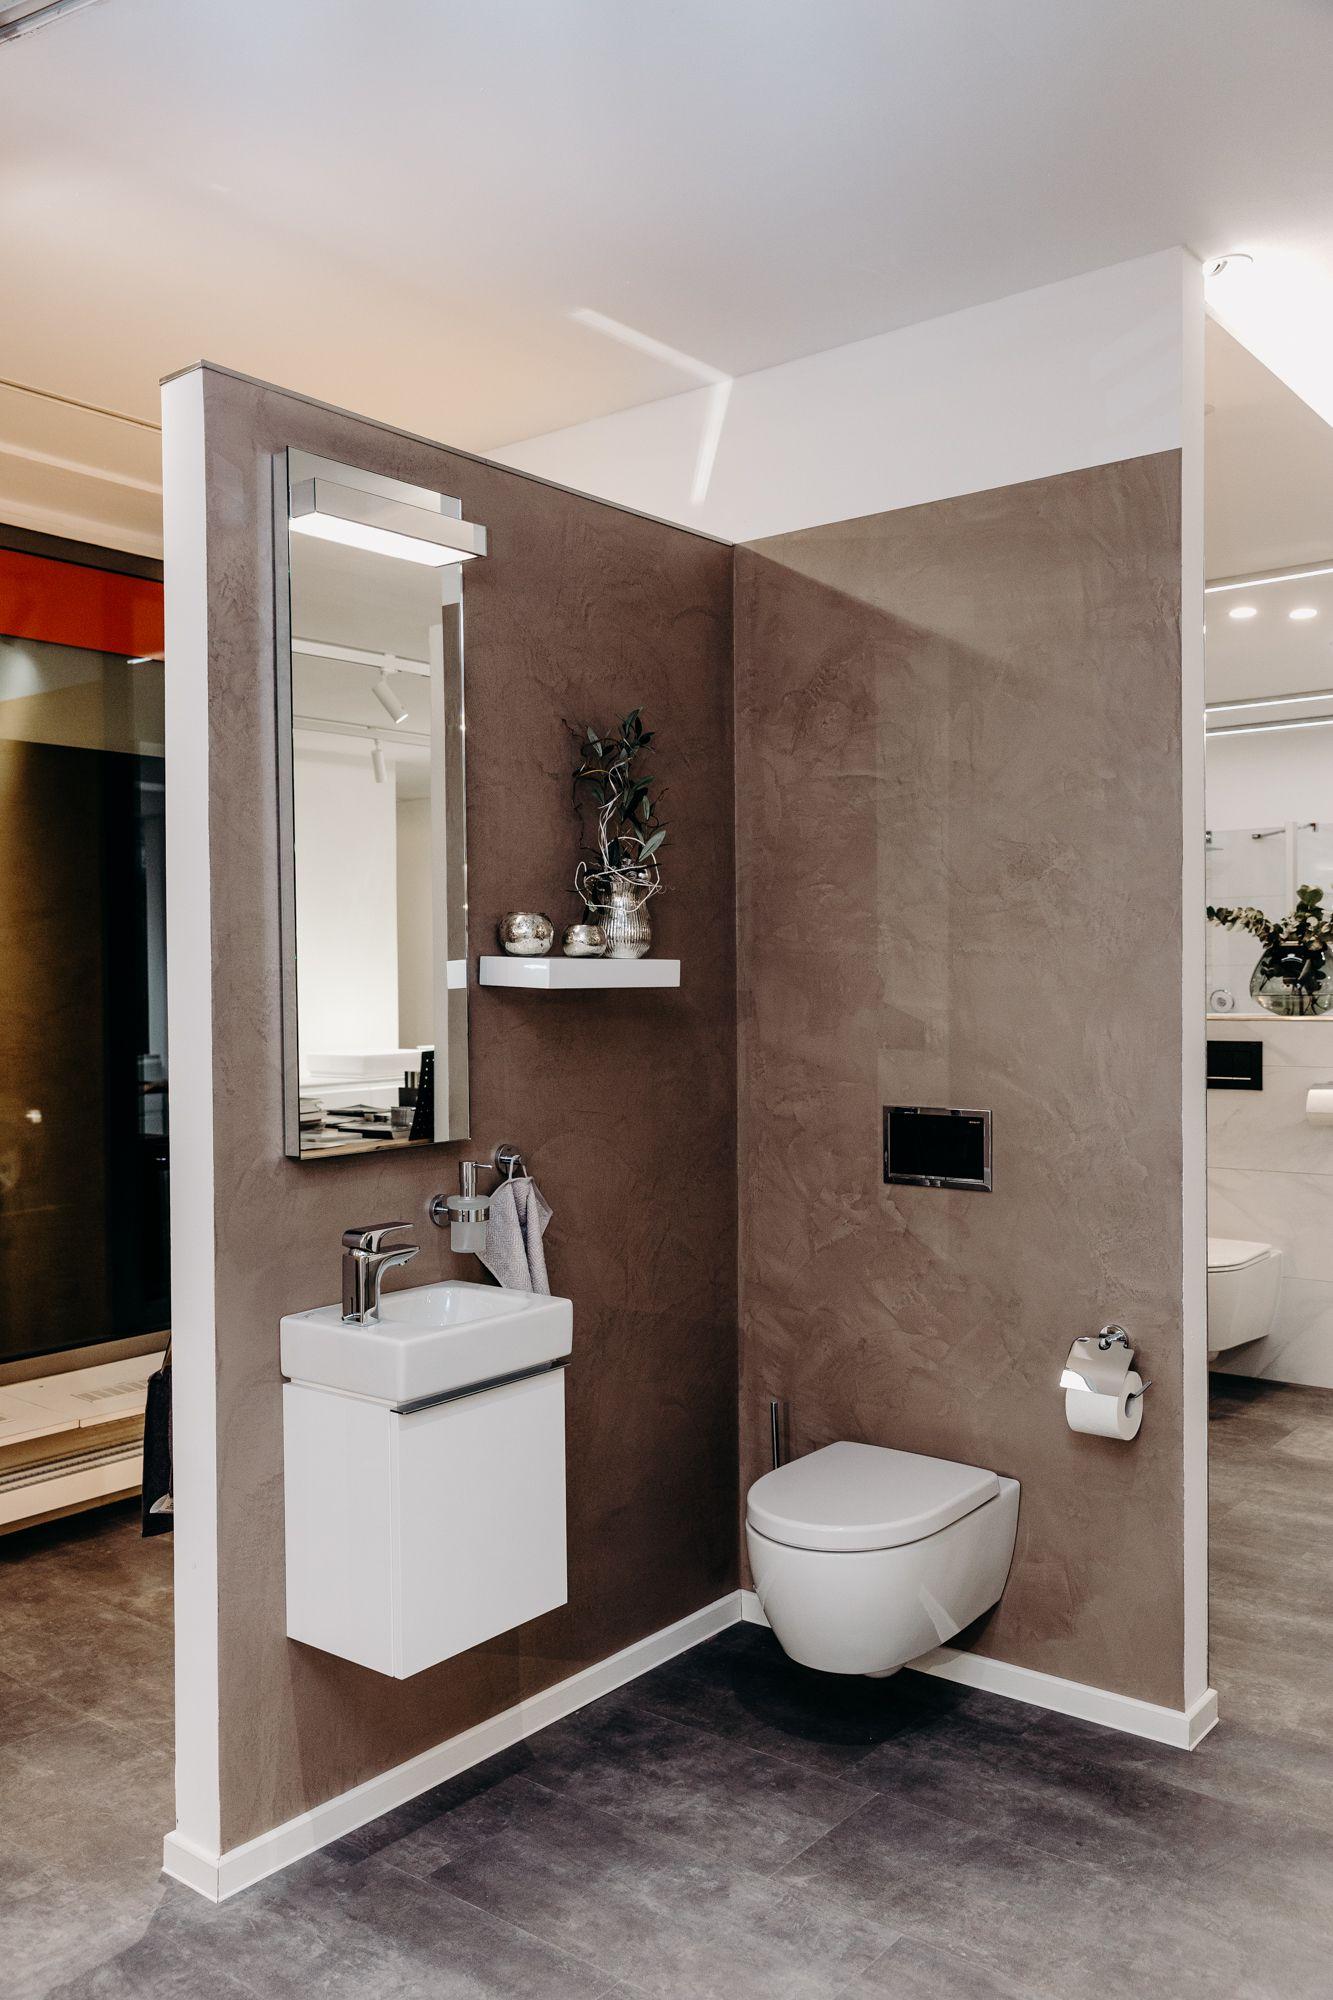 Spachteltechnik Im Badezimmer In 2020 Badezimmer Badezimmerideen Kleine Badezimmer